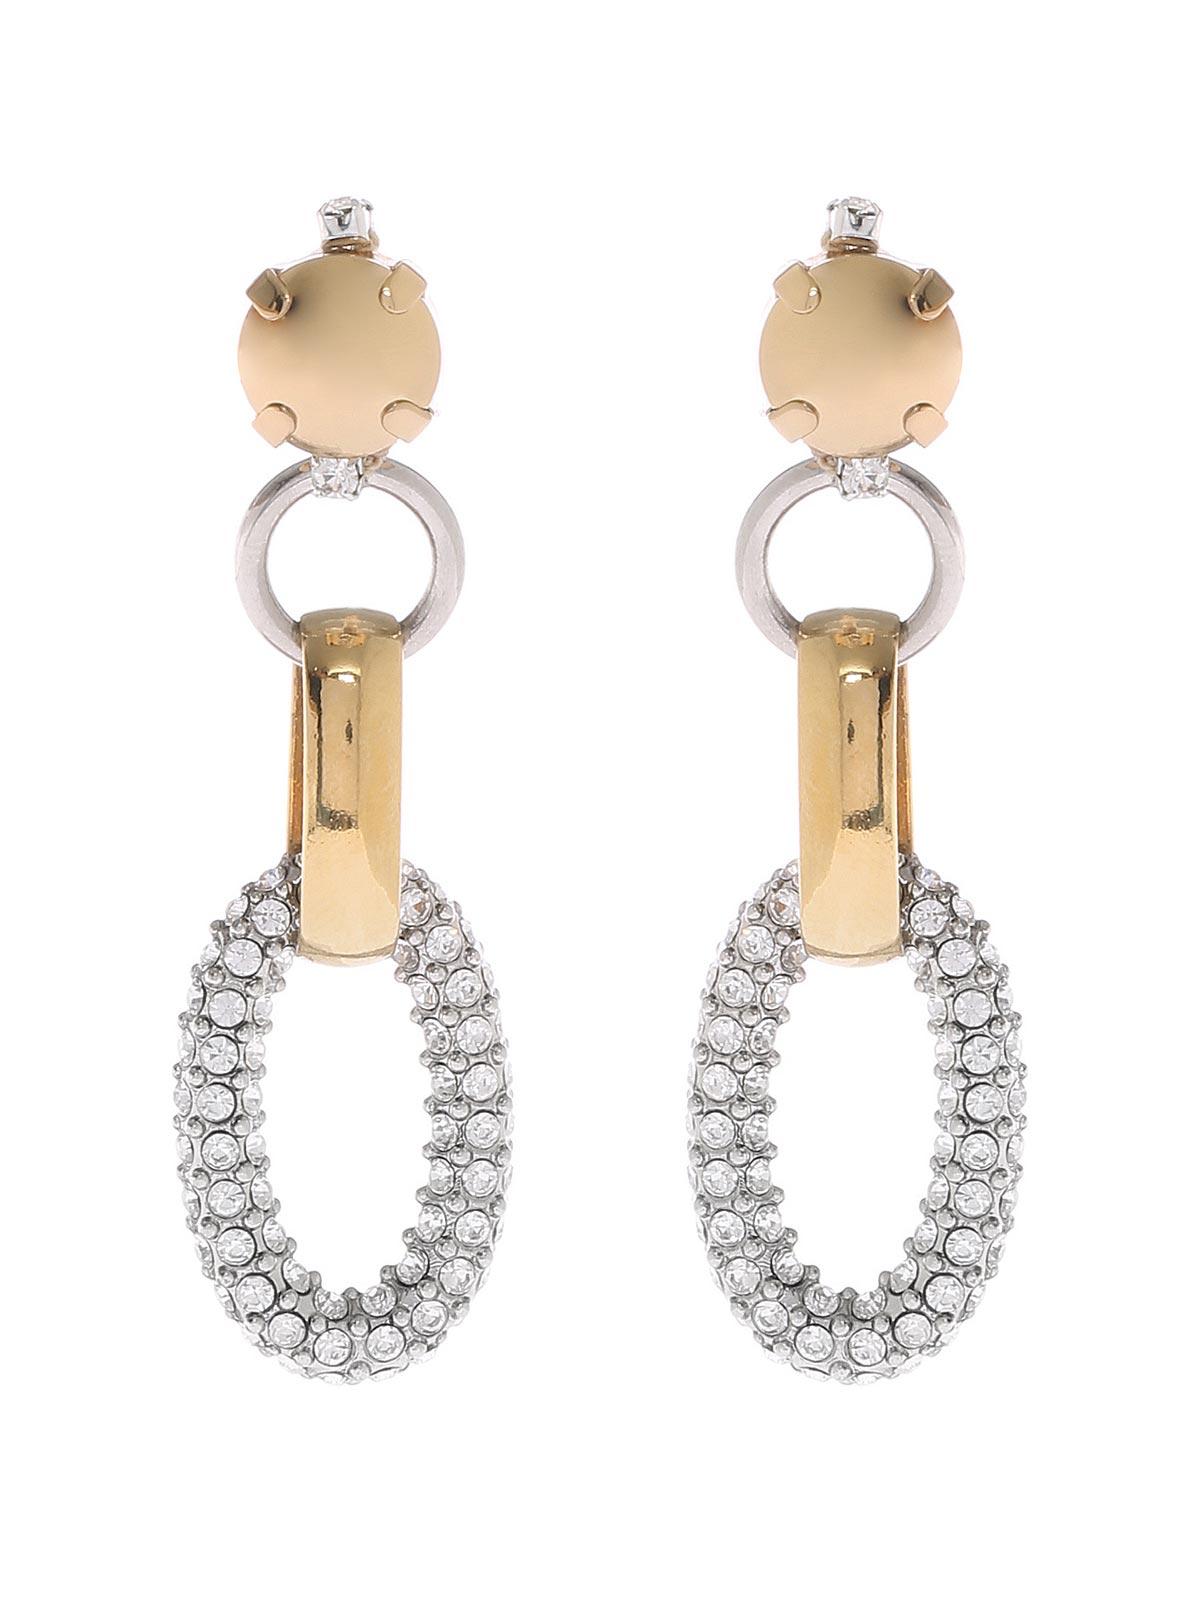 Jewel chain earrings